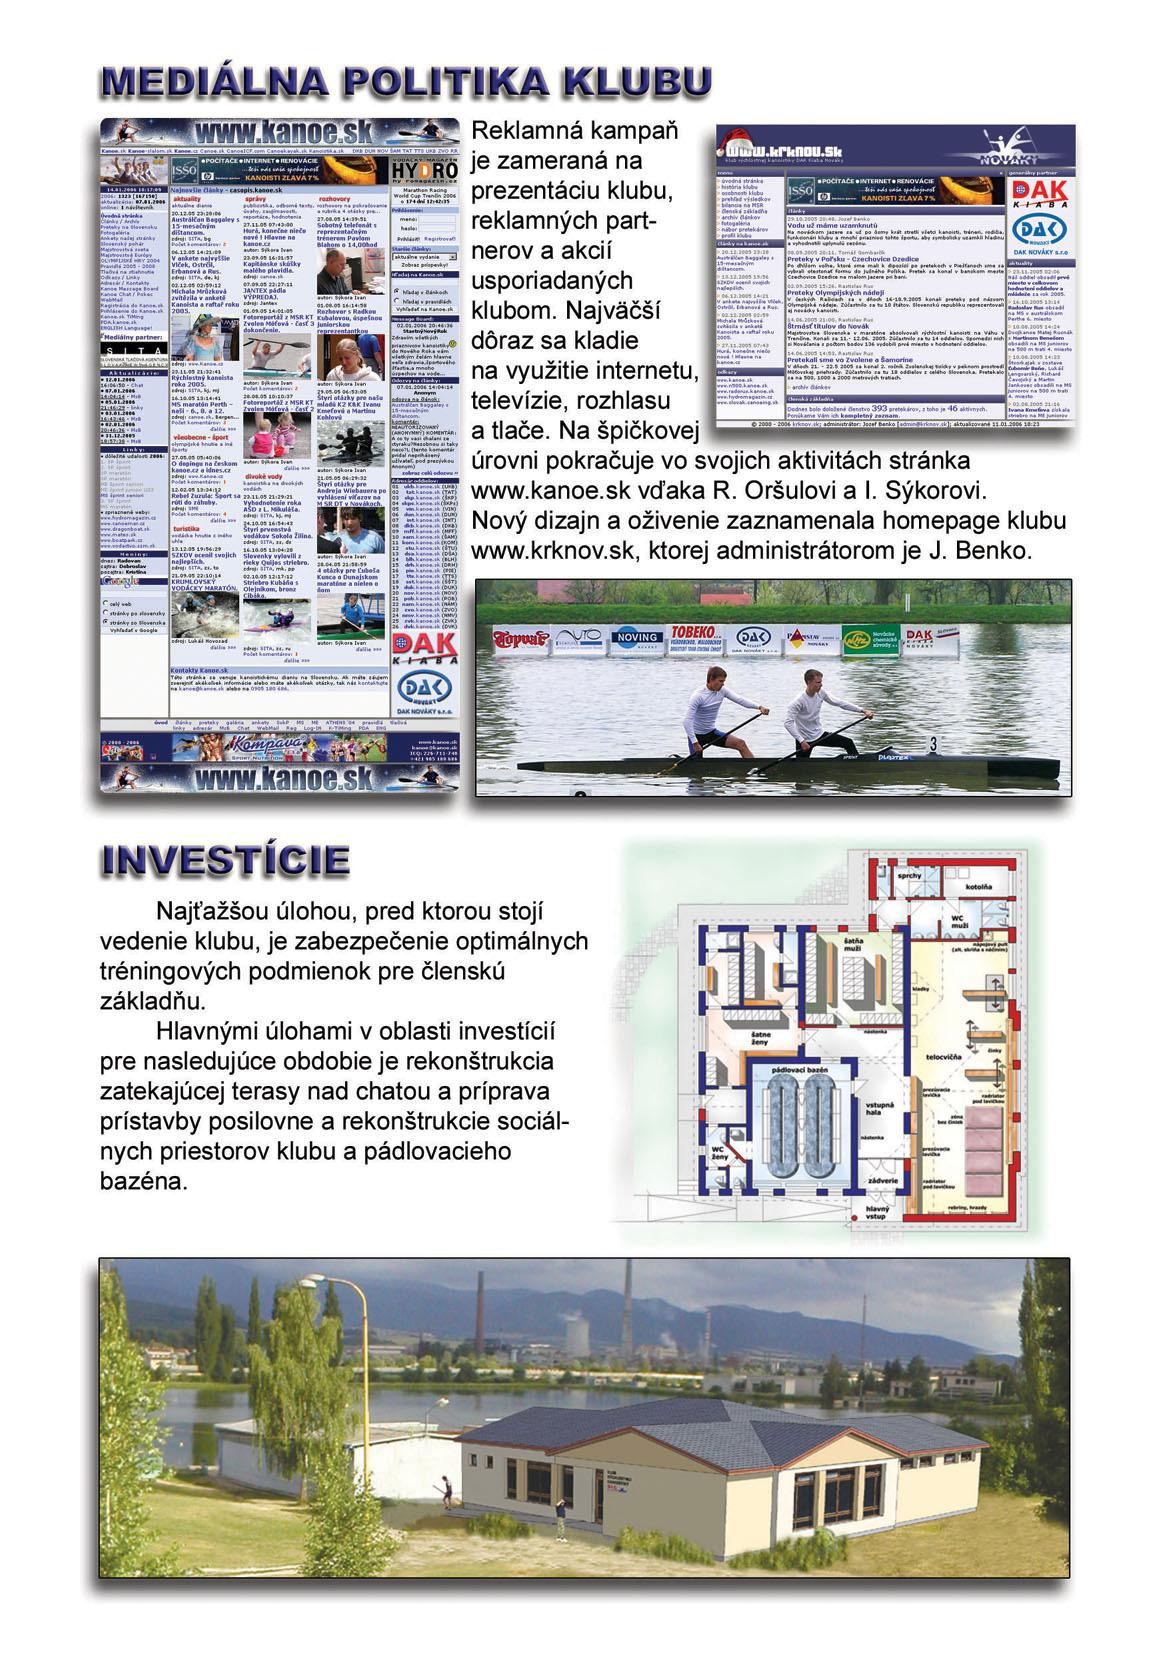 Profil klubu 2005/2006, strana 3